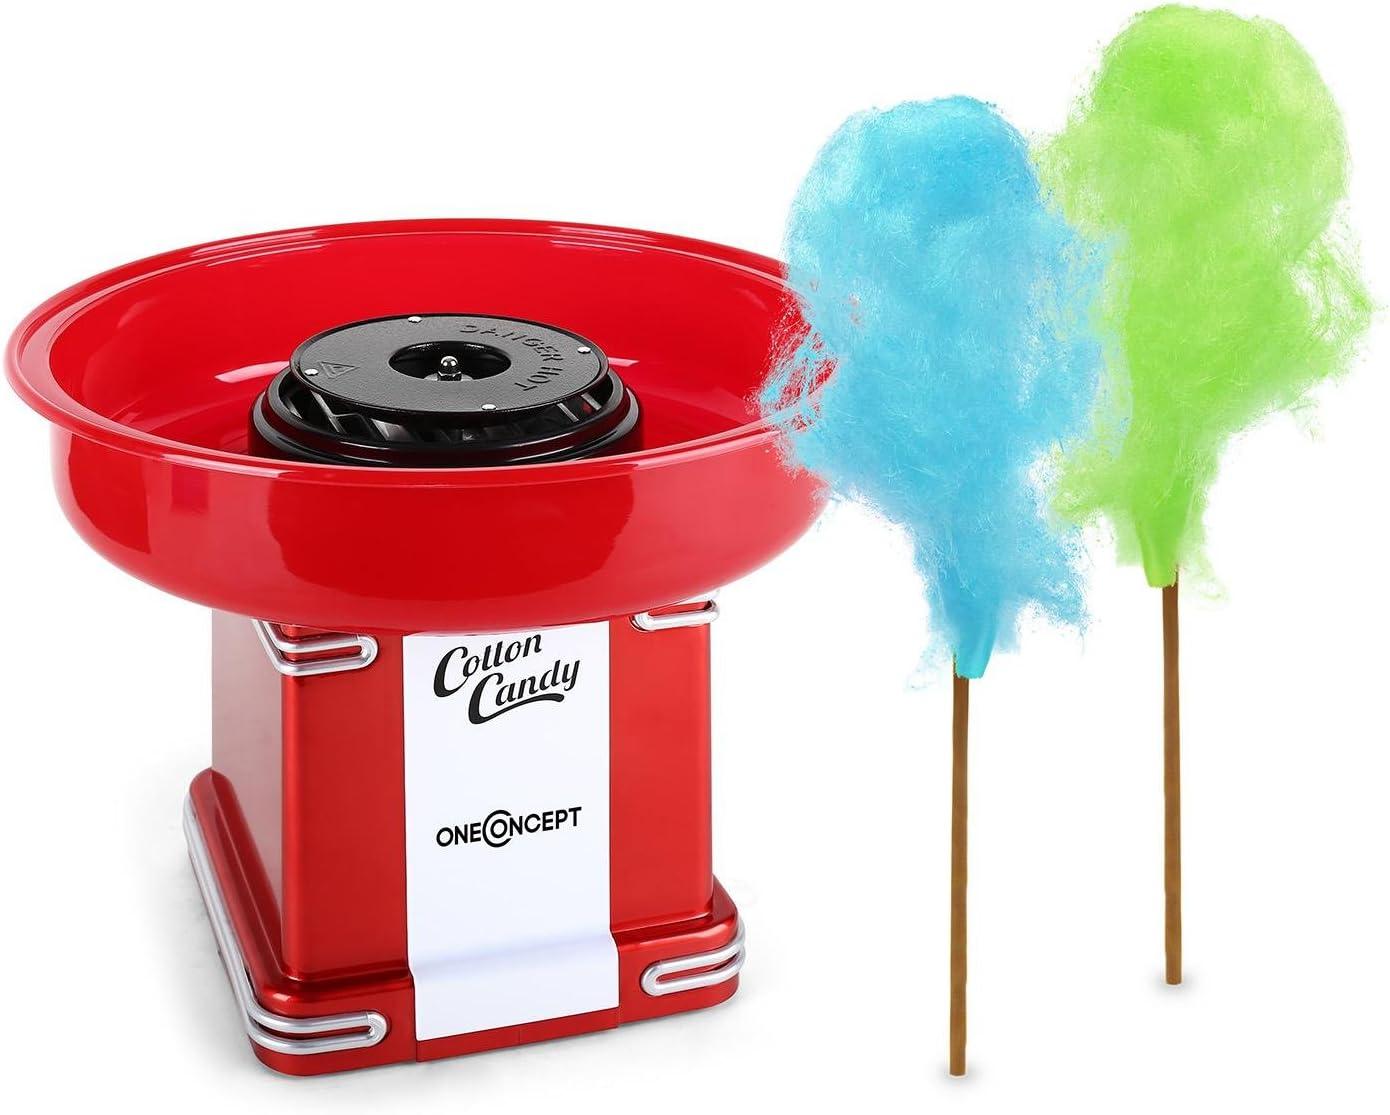 oneConcept Candyland 2 - Máquina de algodón de azúcar, Dispositivo nube dulce, Potencia 500 W, Depósito extraíble, Varilla y dosificador incluidos, Pies antideslizantes, Diseño retro, Rojo: Amazon.es: Hogar